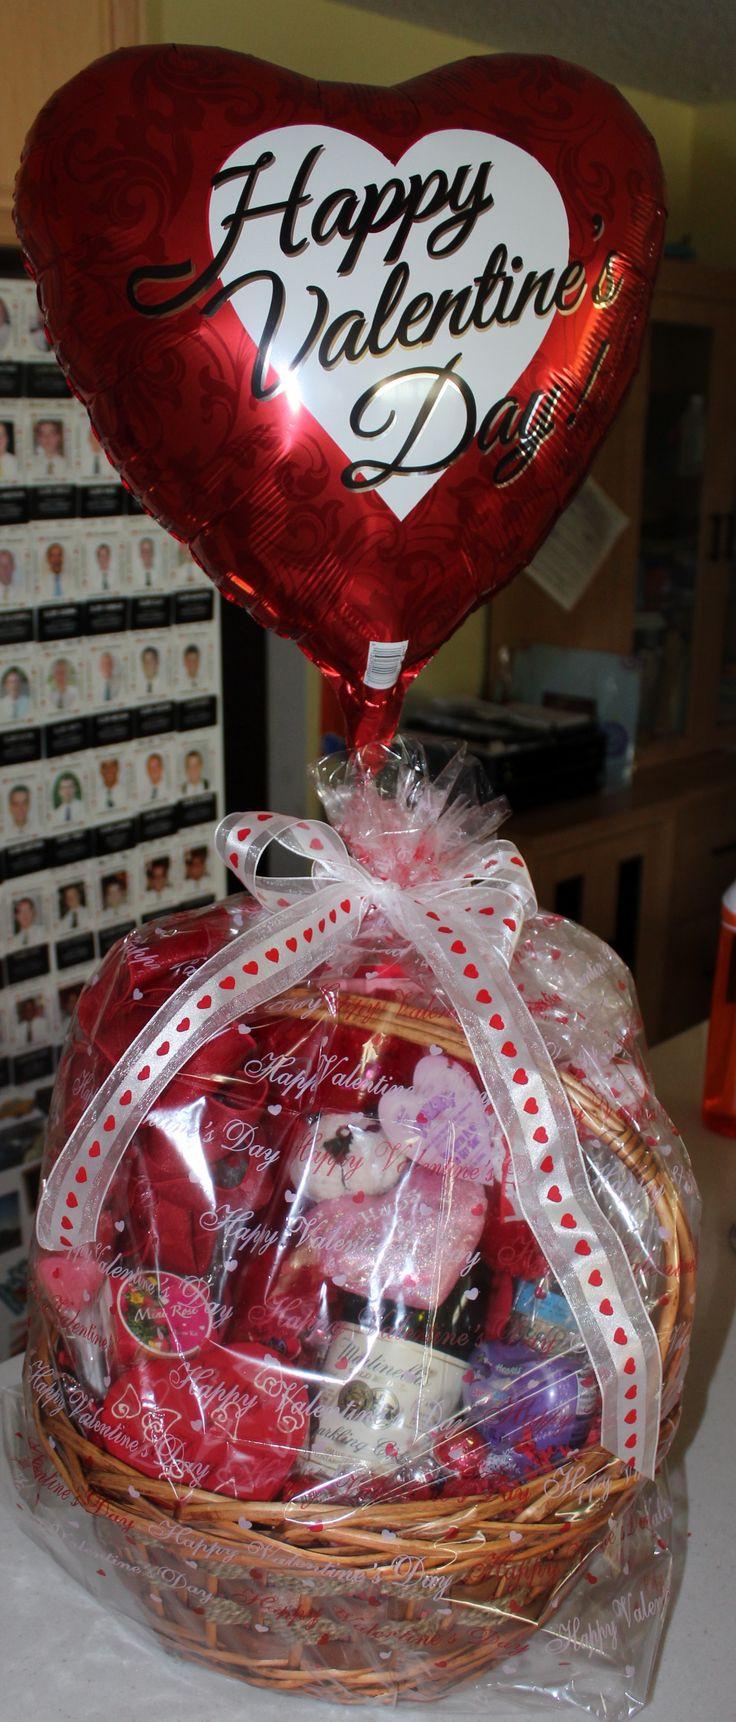 Valentine Day Gift Basket Ideas  Best 25 Valentine t baskets ideas on Pinterest